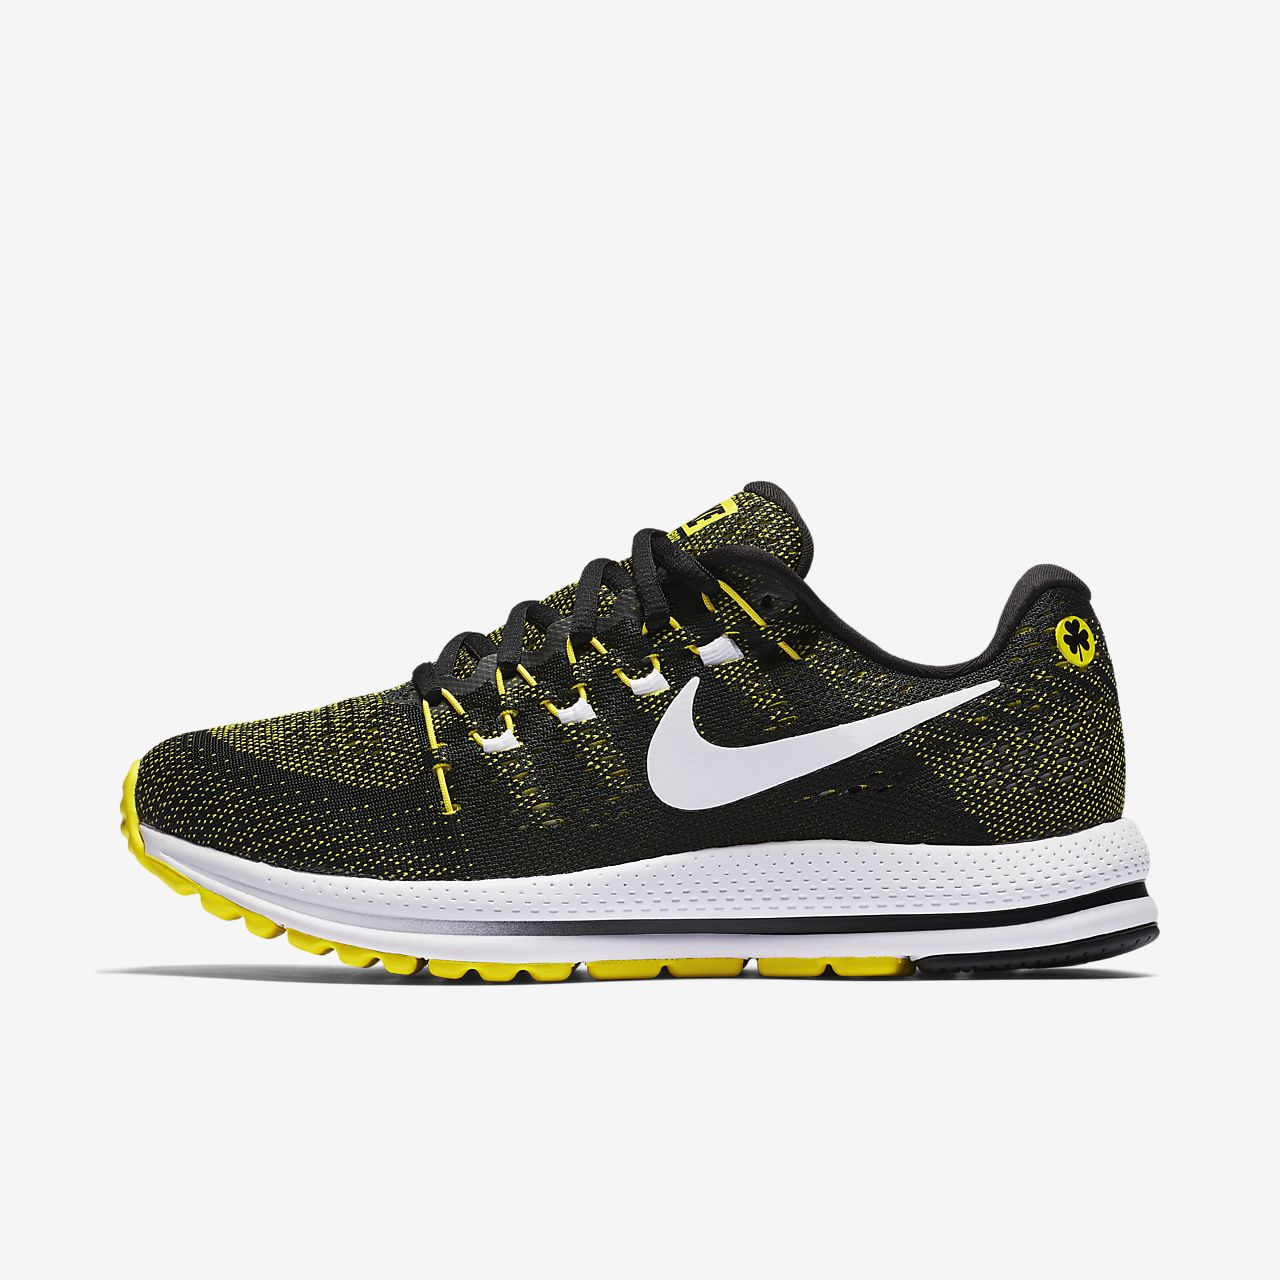 ... Nike Air Zoom Vomero 12 (Boston) Women's Running Shoe